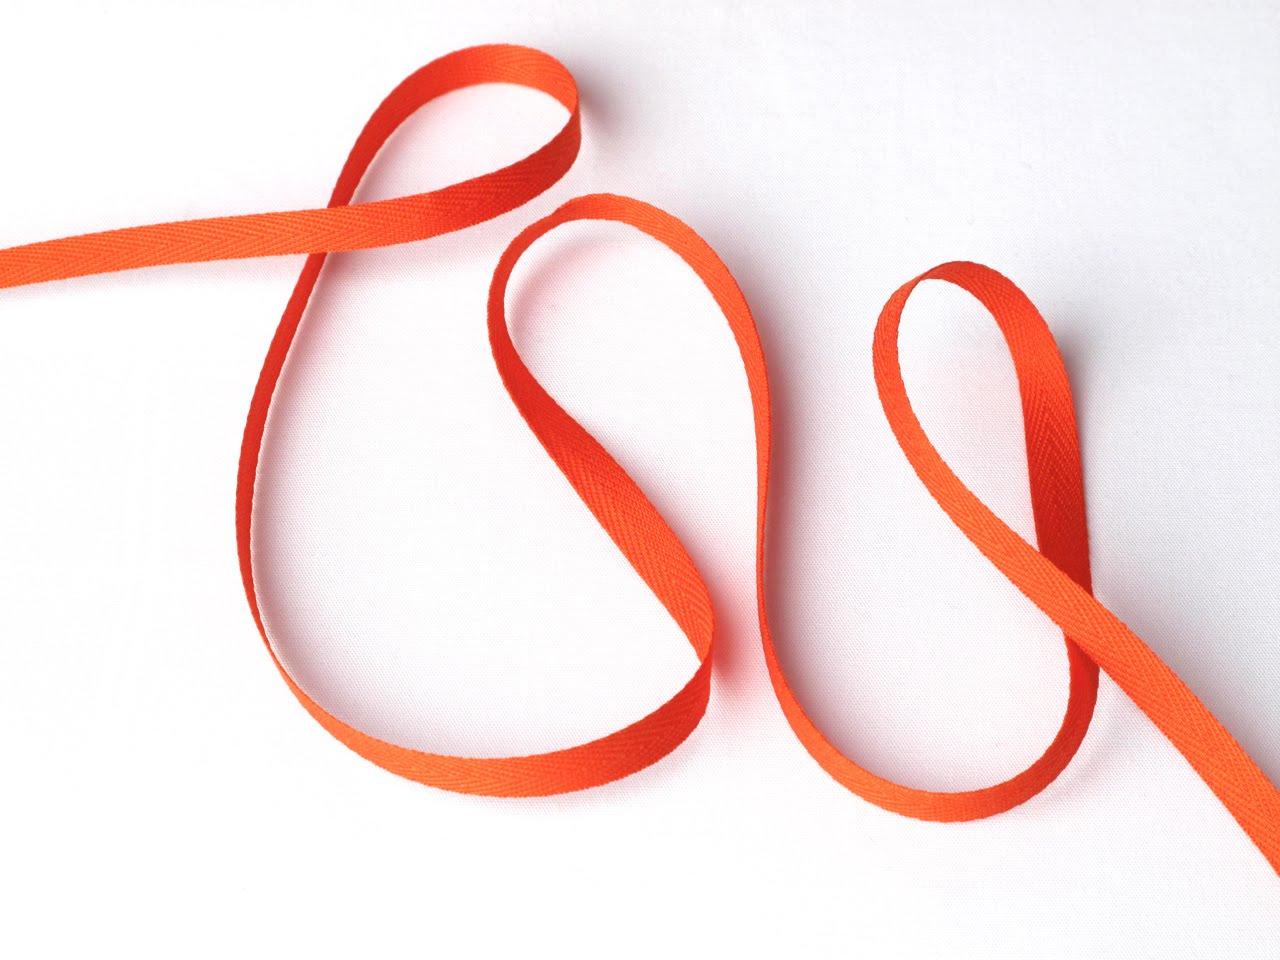 les nouveaut s au jour le jour chez stragier ruban serg 4440 orange. Black Bedroom Furniture Sets. Home Design Ideas